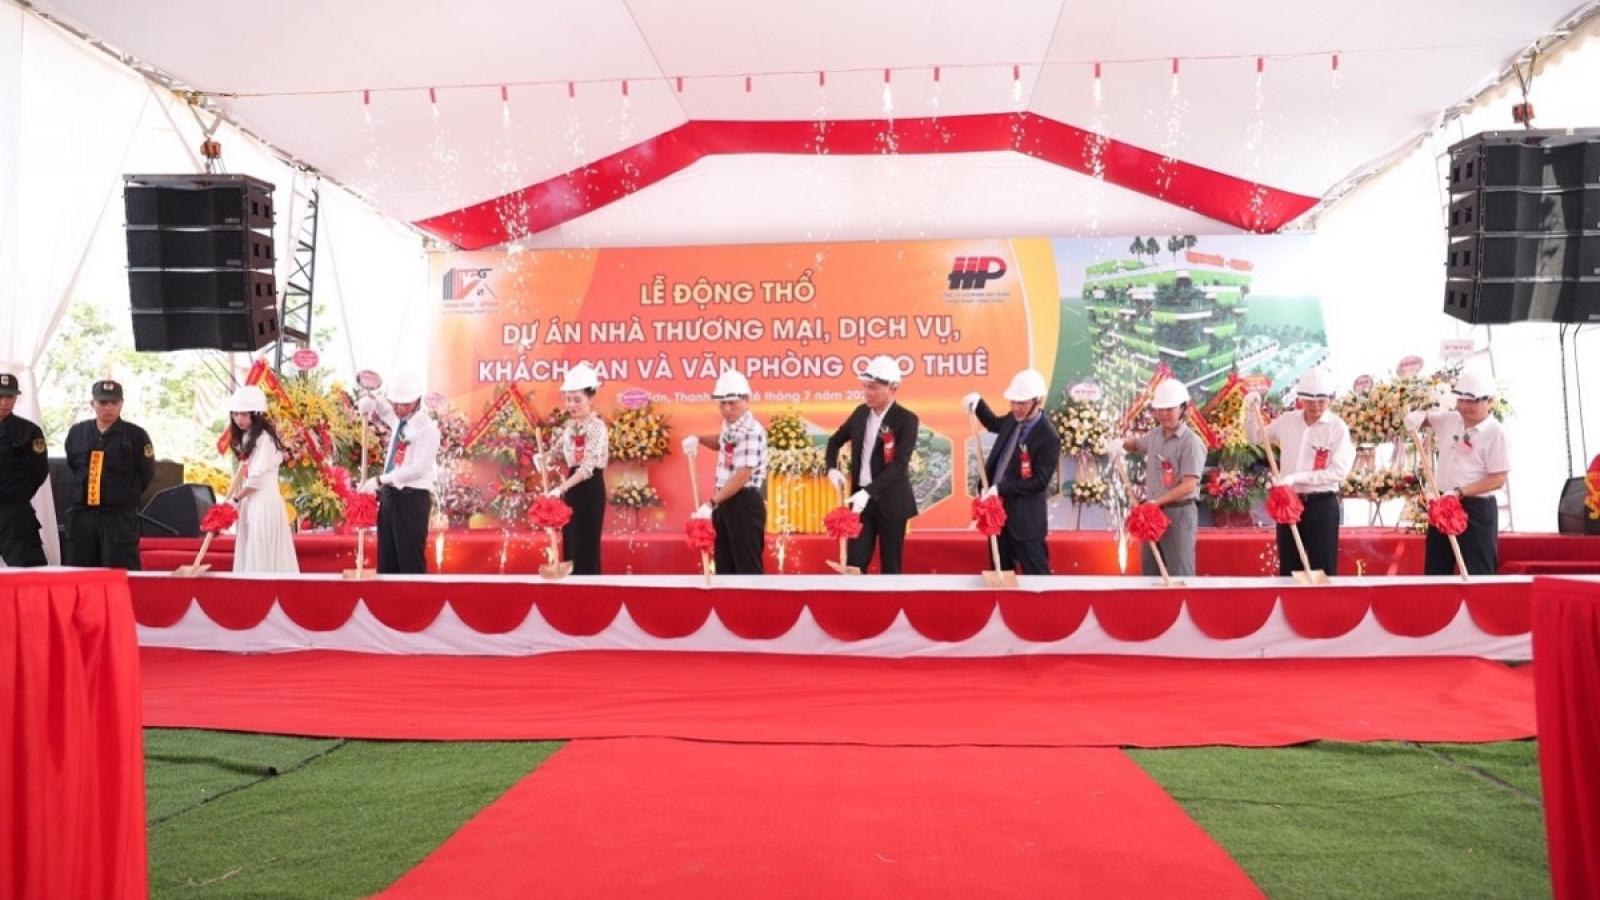 Thị trường bất động sản Việt Nam sẽ có những khởi sắc rất lớn trong năm 2021